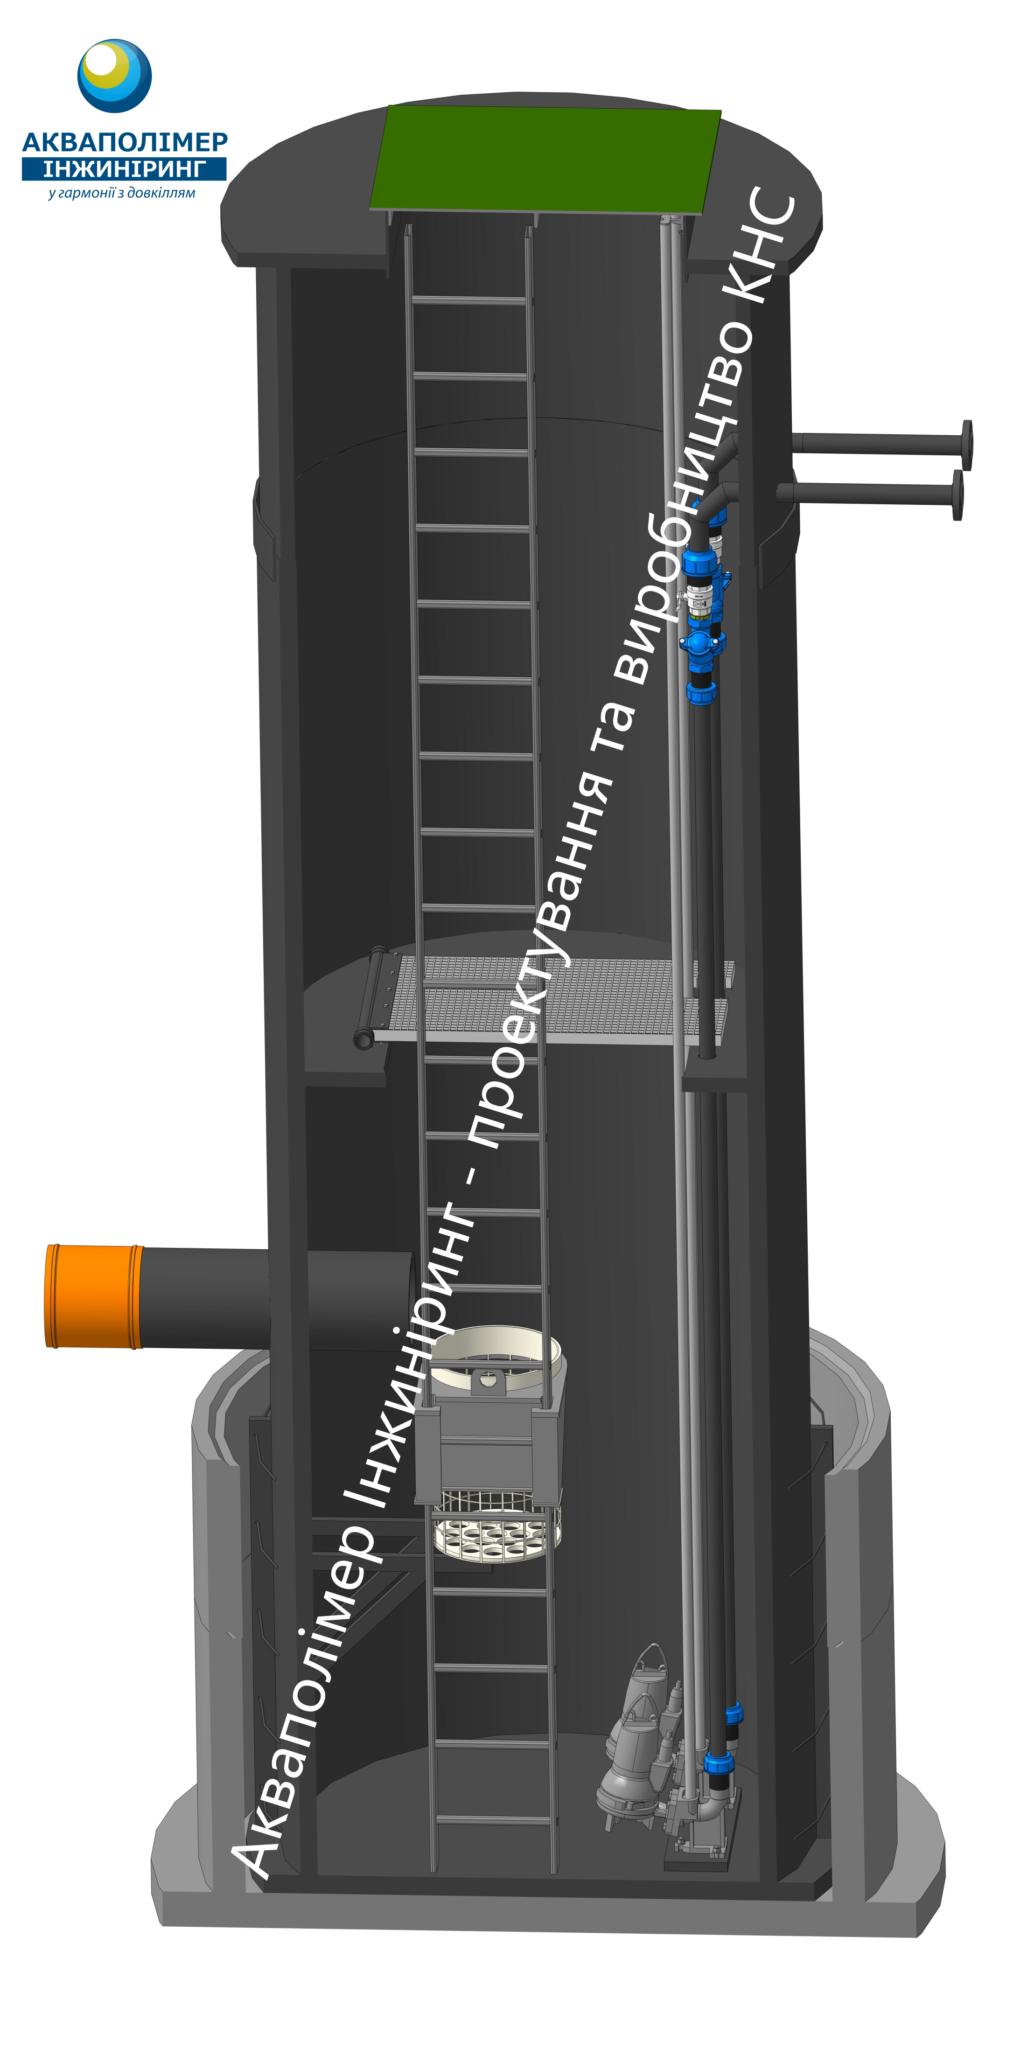 проектування каналізаційних насосних станцій (КНС)